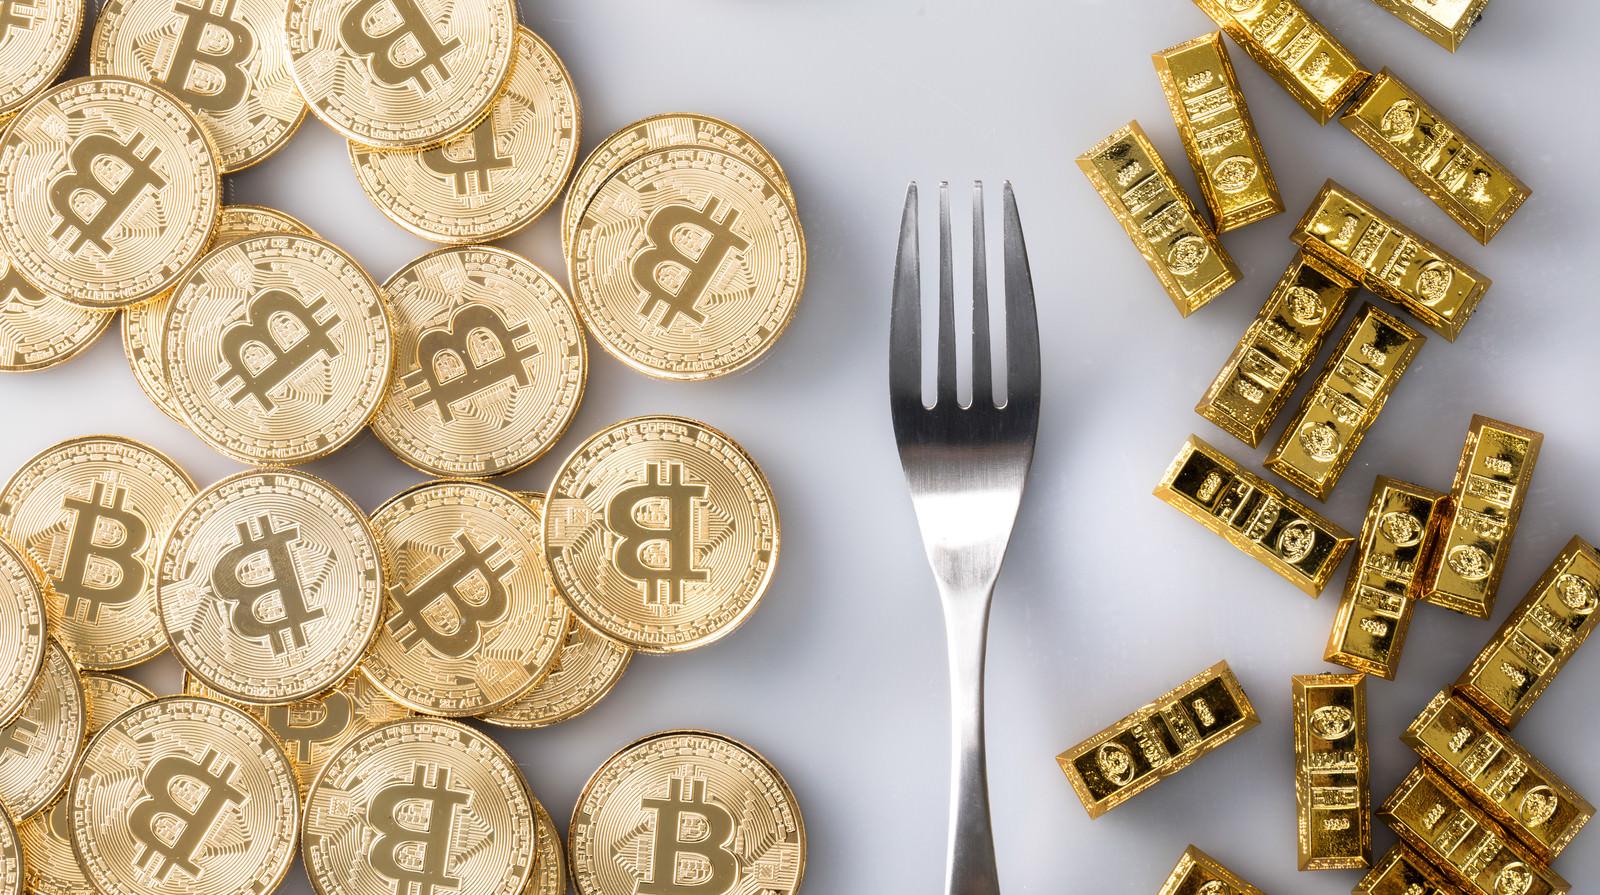 「ハードフォークで分岐したビットコインとビットコインゴールド」の写真